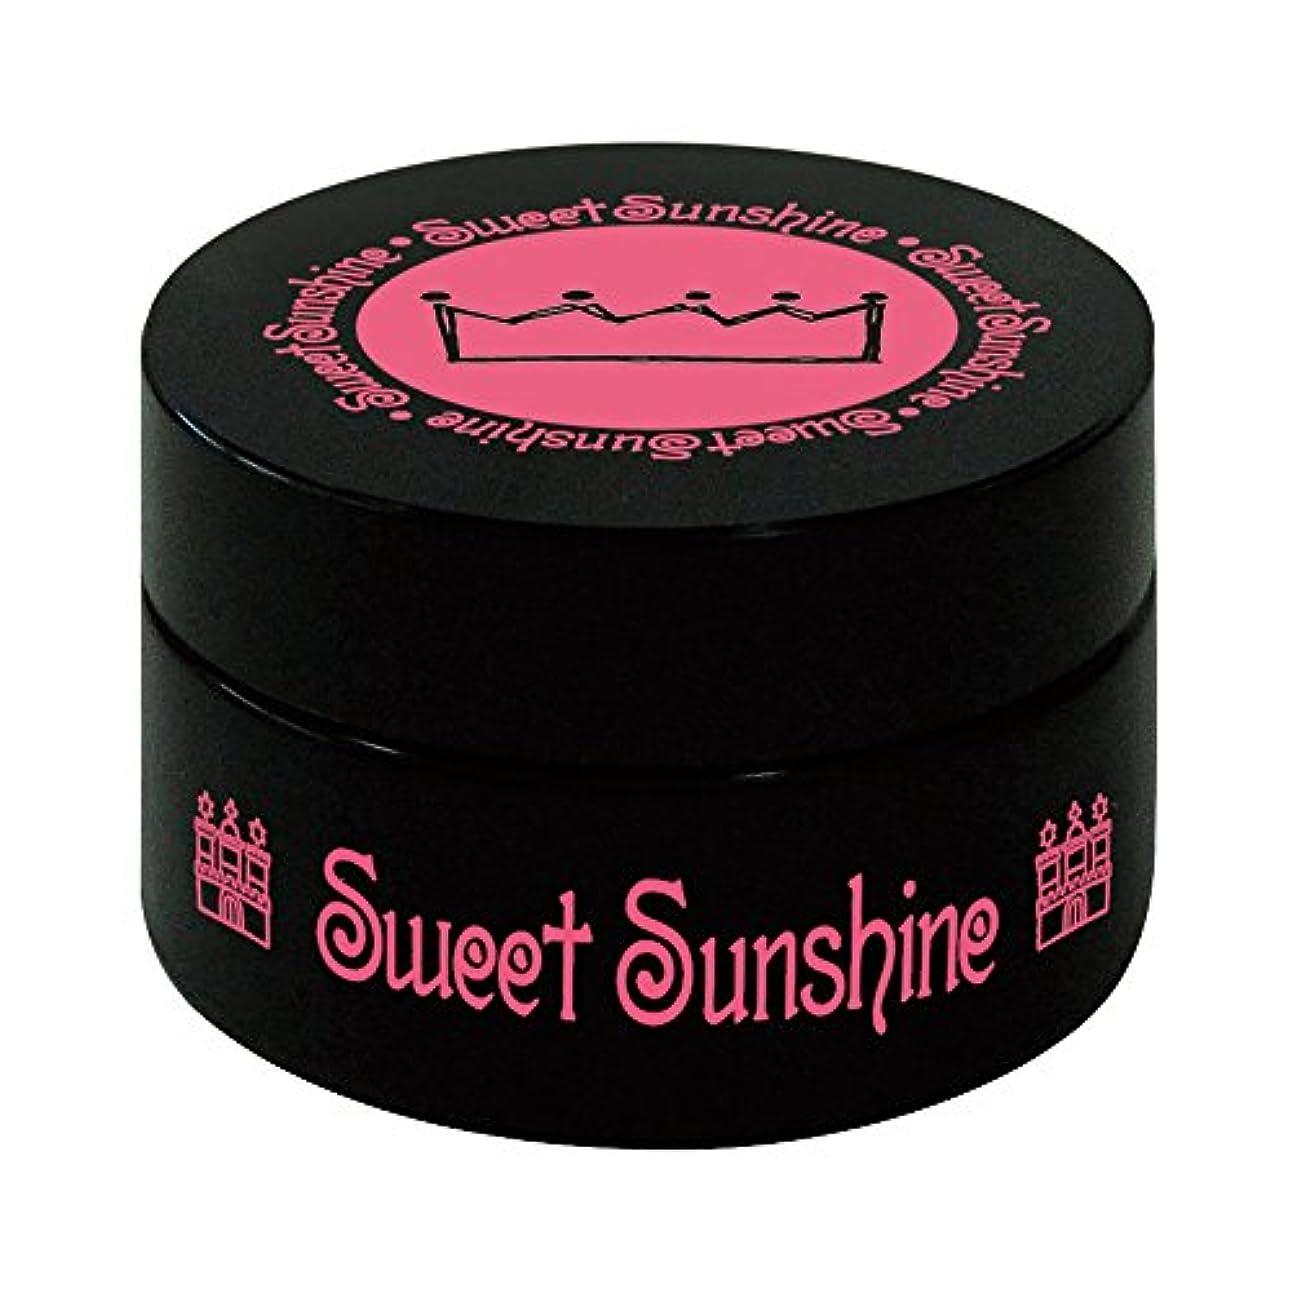 最高スタジオ区別する最速硬化LED対応 Sweet Sunshine スィート サンシャイン カラージェル SC-89 4g アジサイ